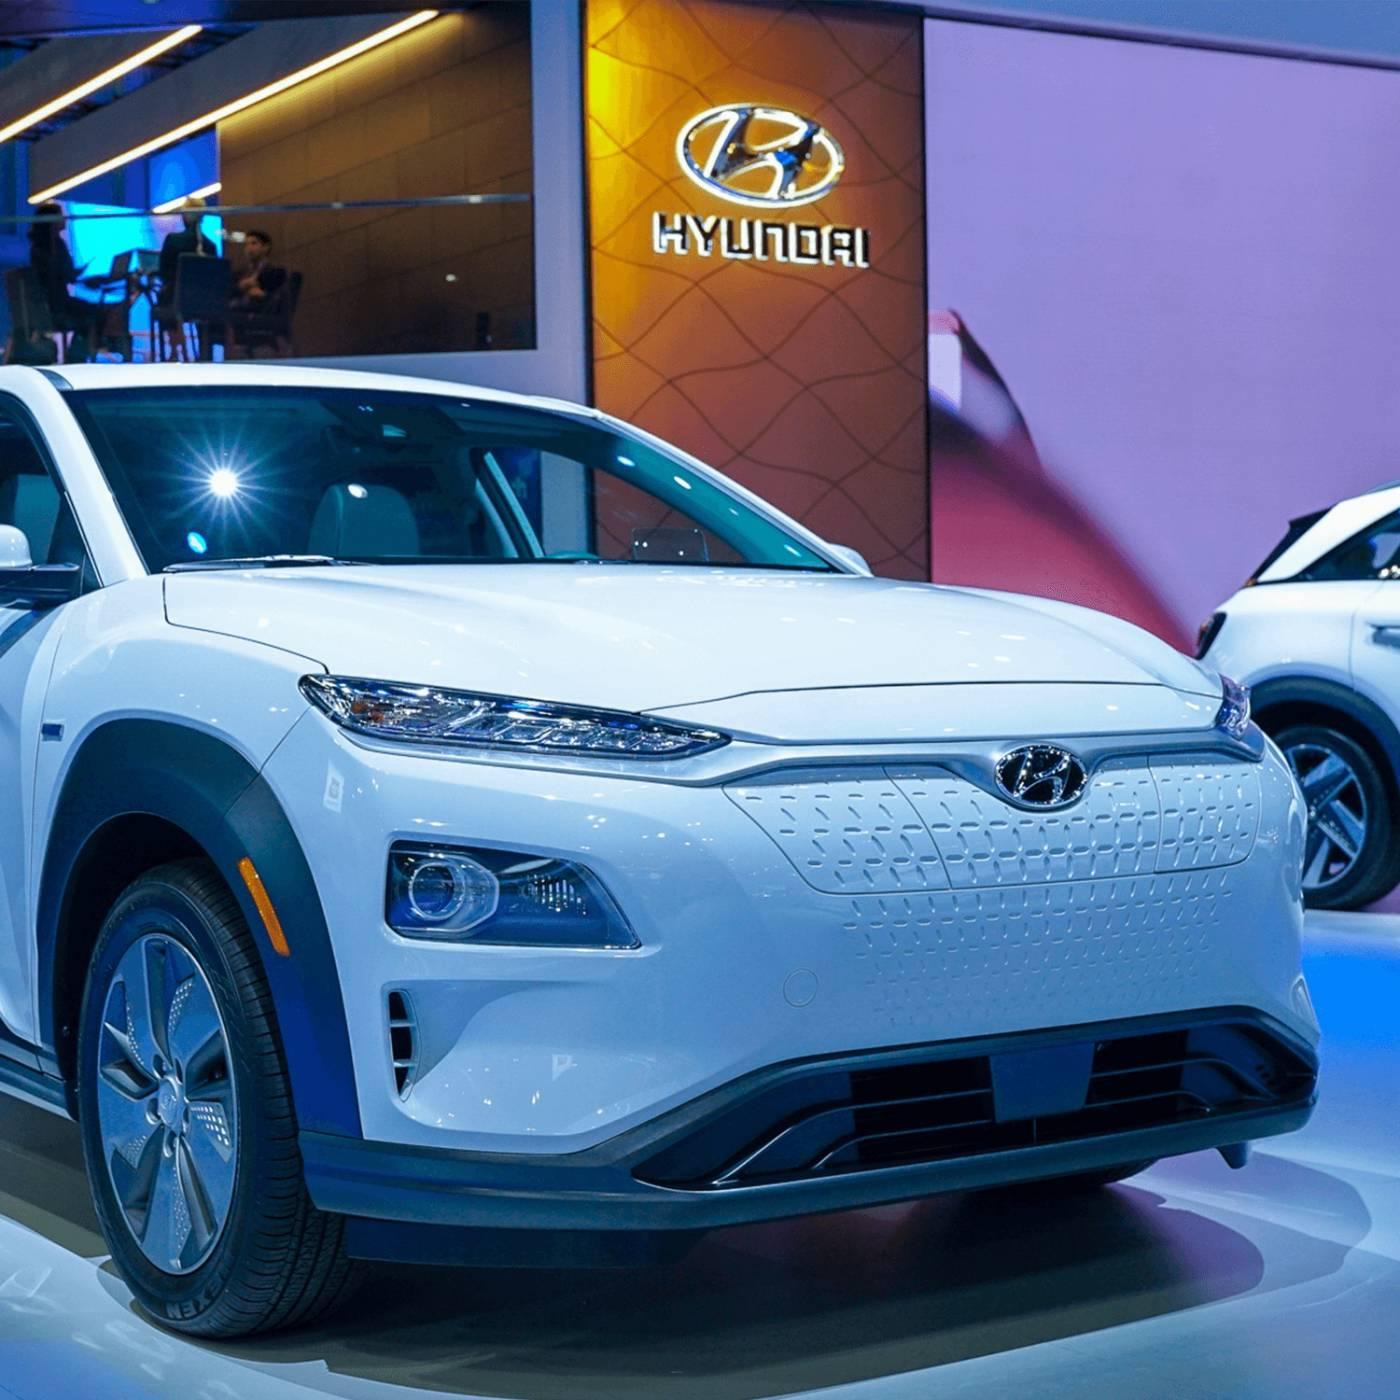 SPARK впечатлява отново с добавянето на 170 електромобила Hyundai KONA в услугата си за споделена мобилност в София